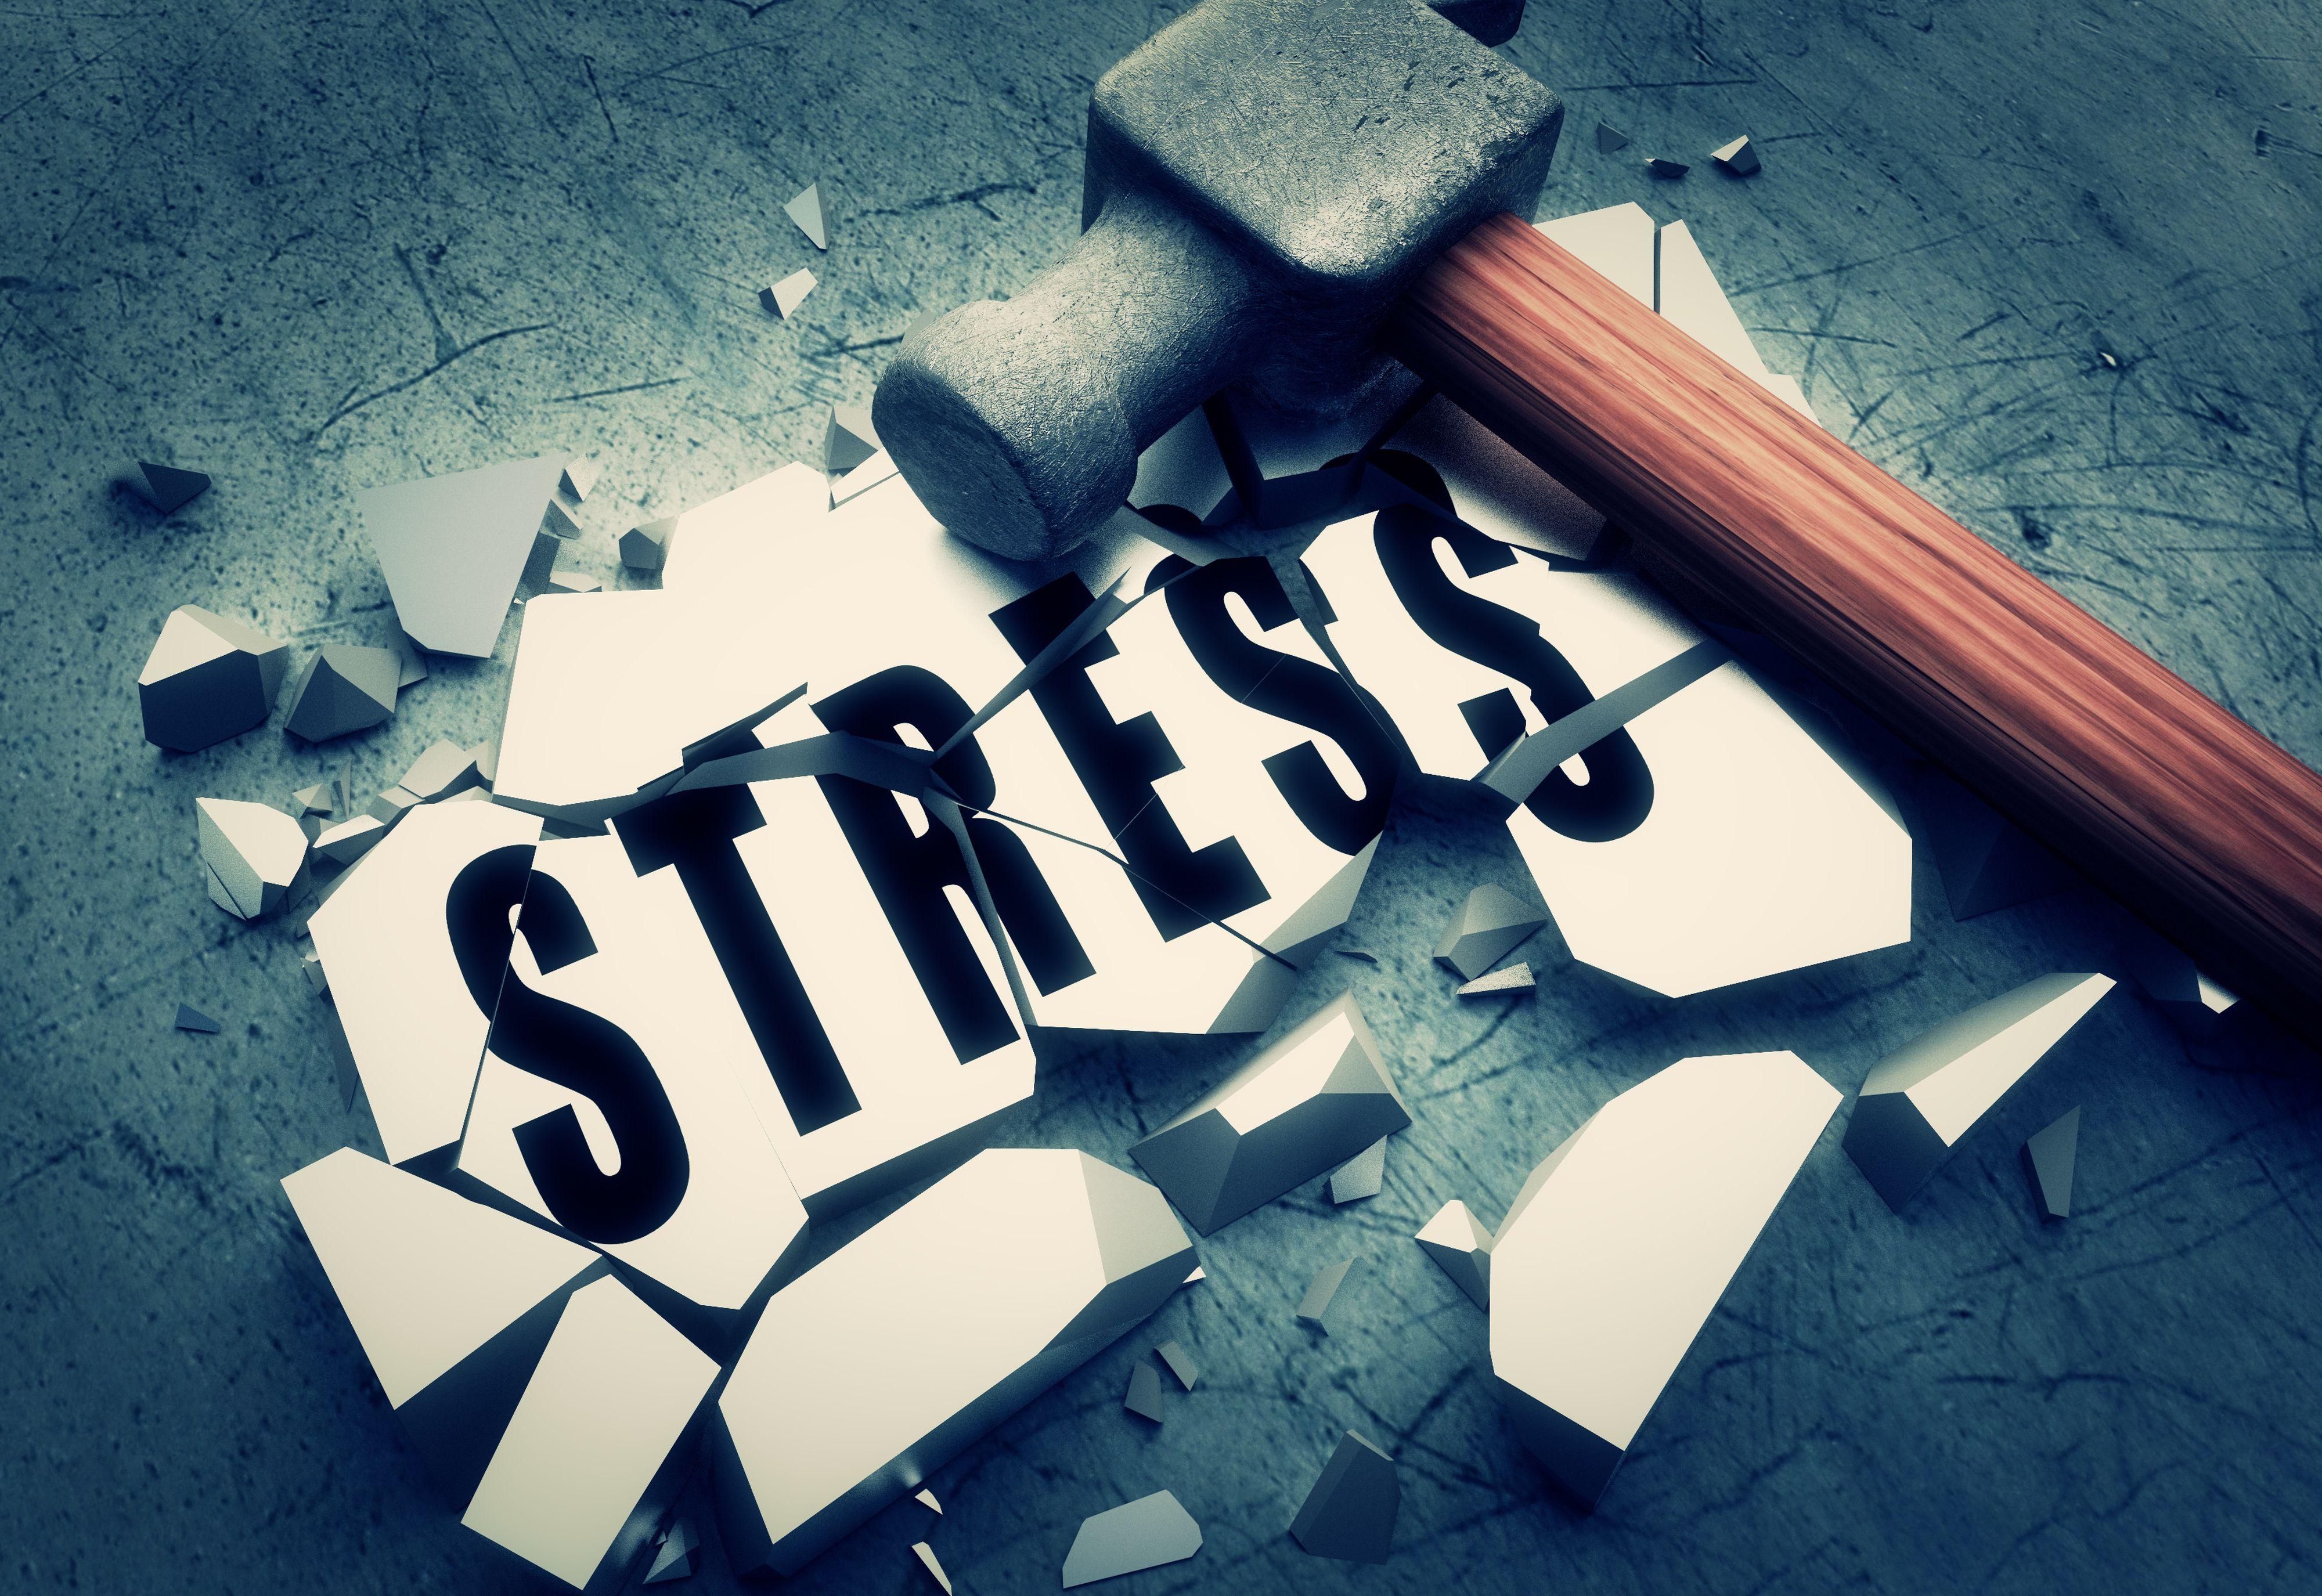 Poziom stresu podwyższa również strach przed utratą pracy. (Fot. Shutterstock)